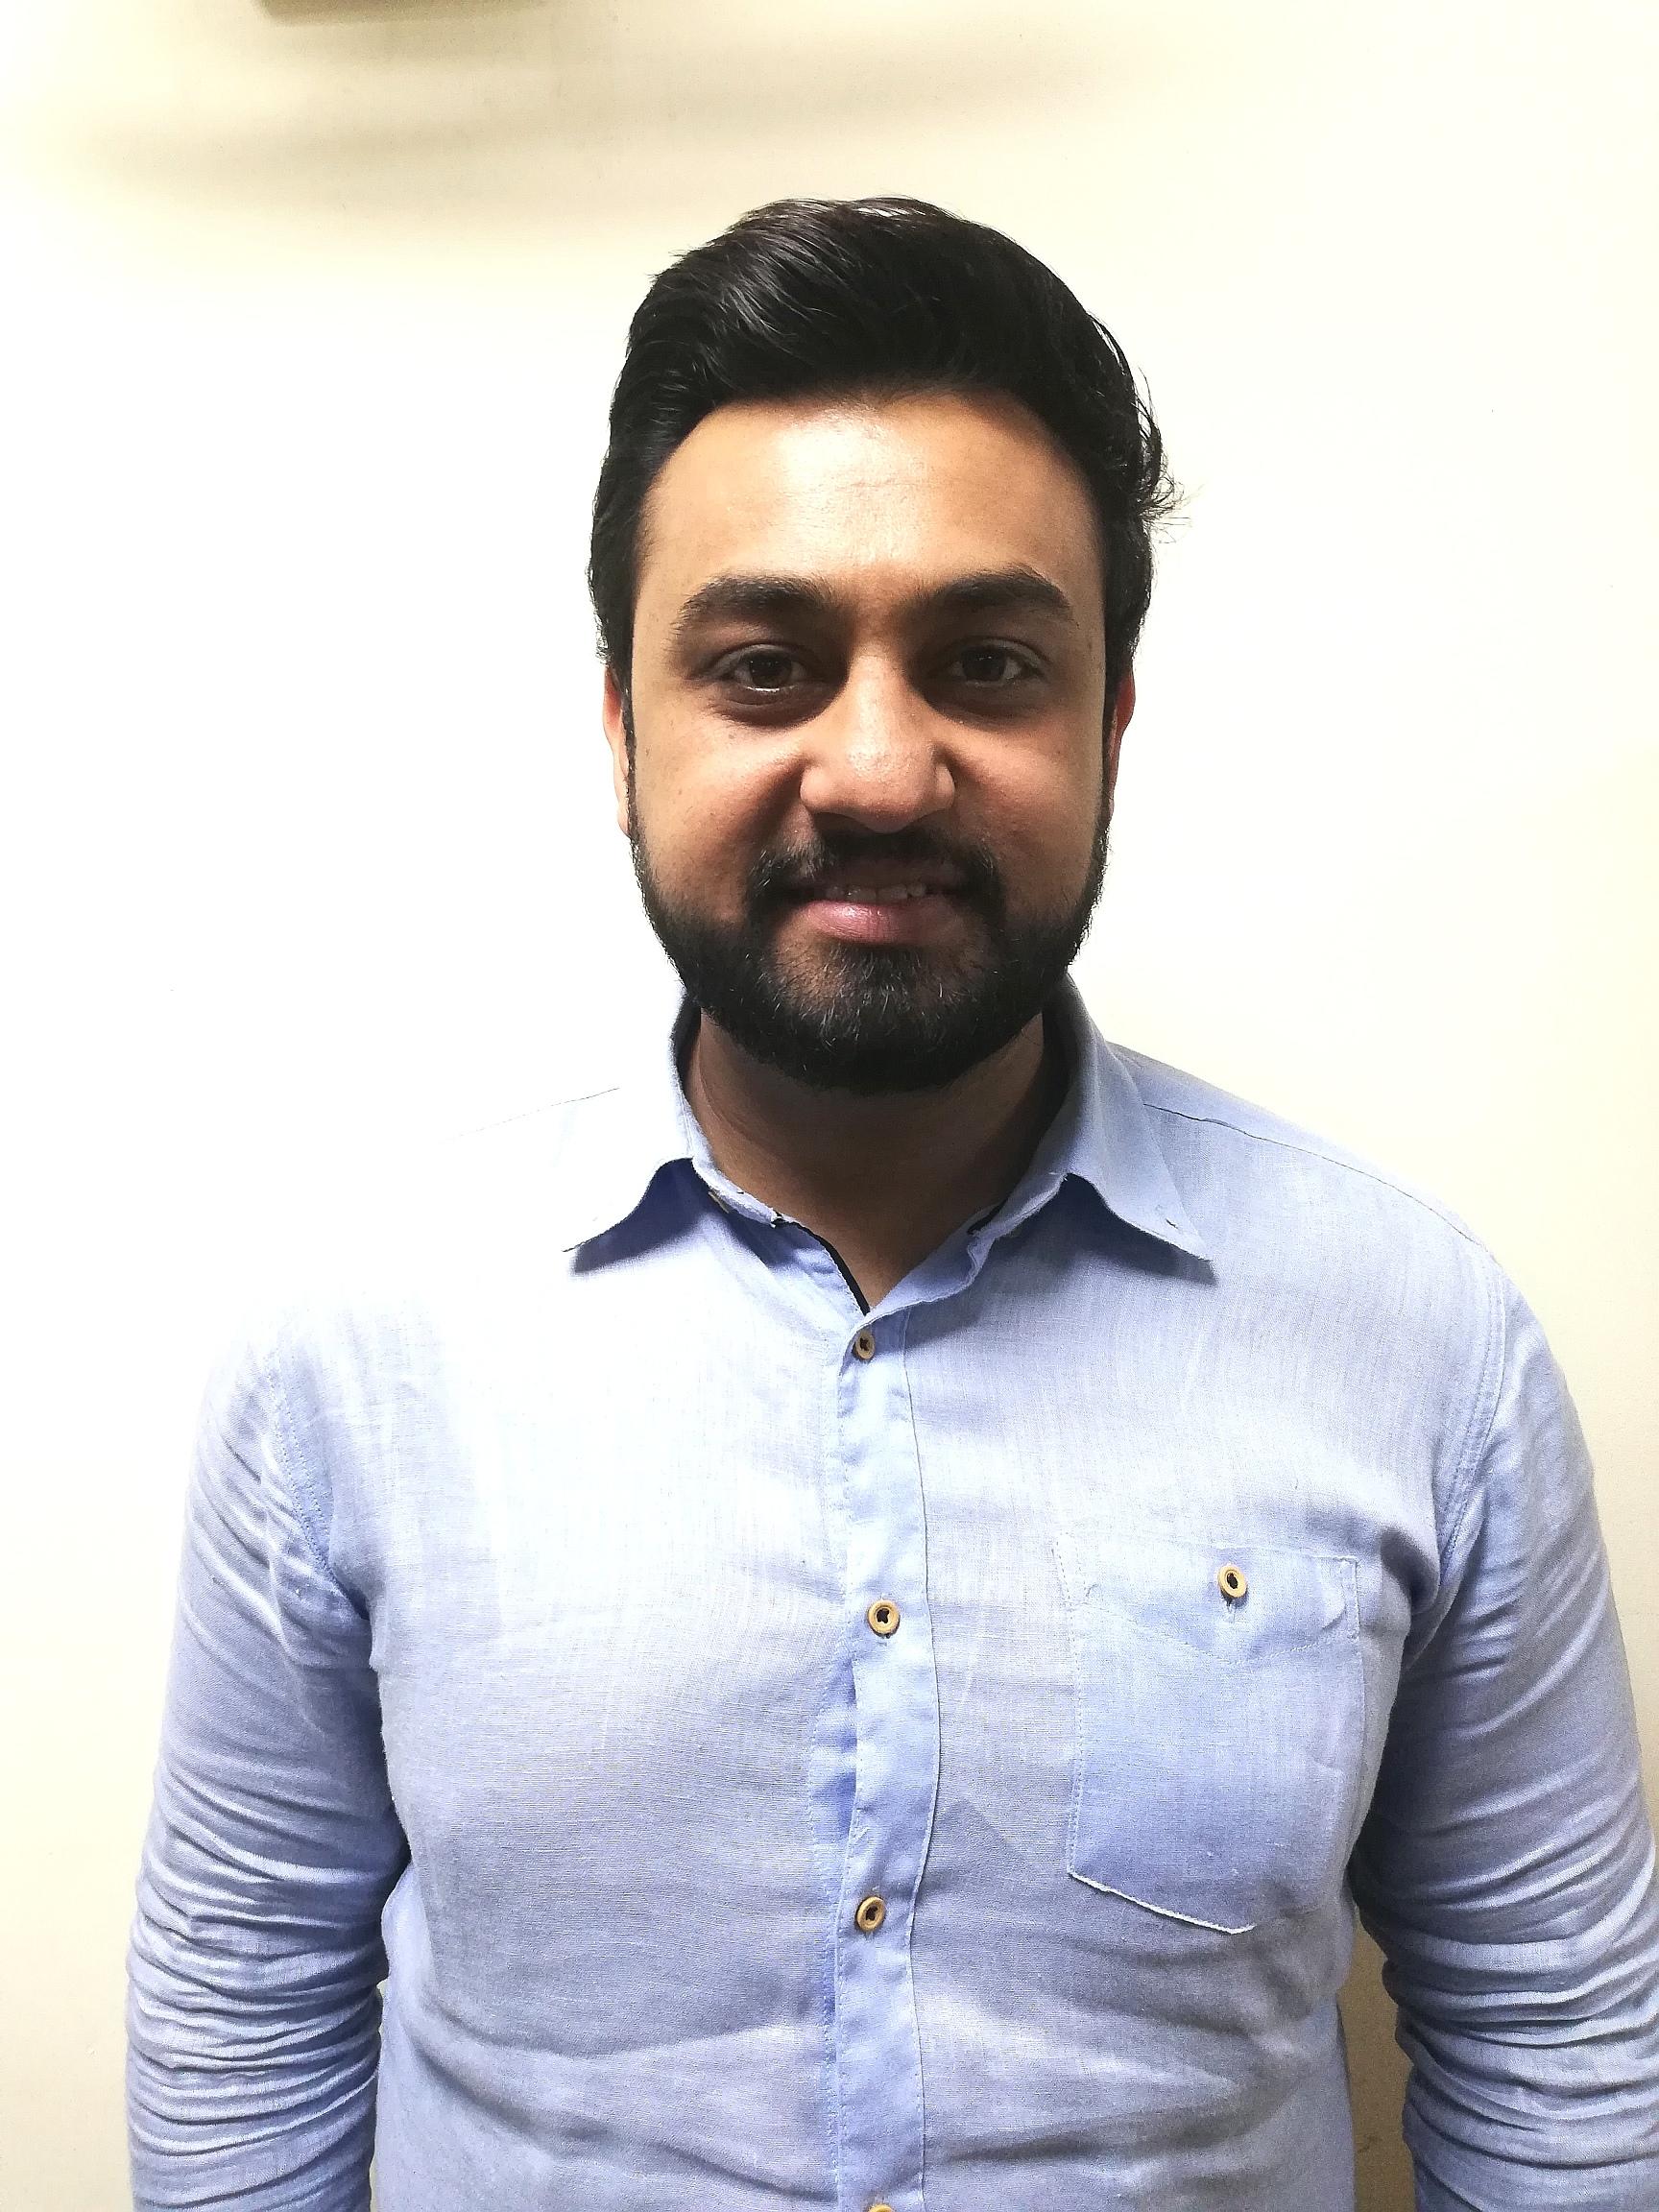 Muhammad Rizwan Younis